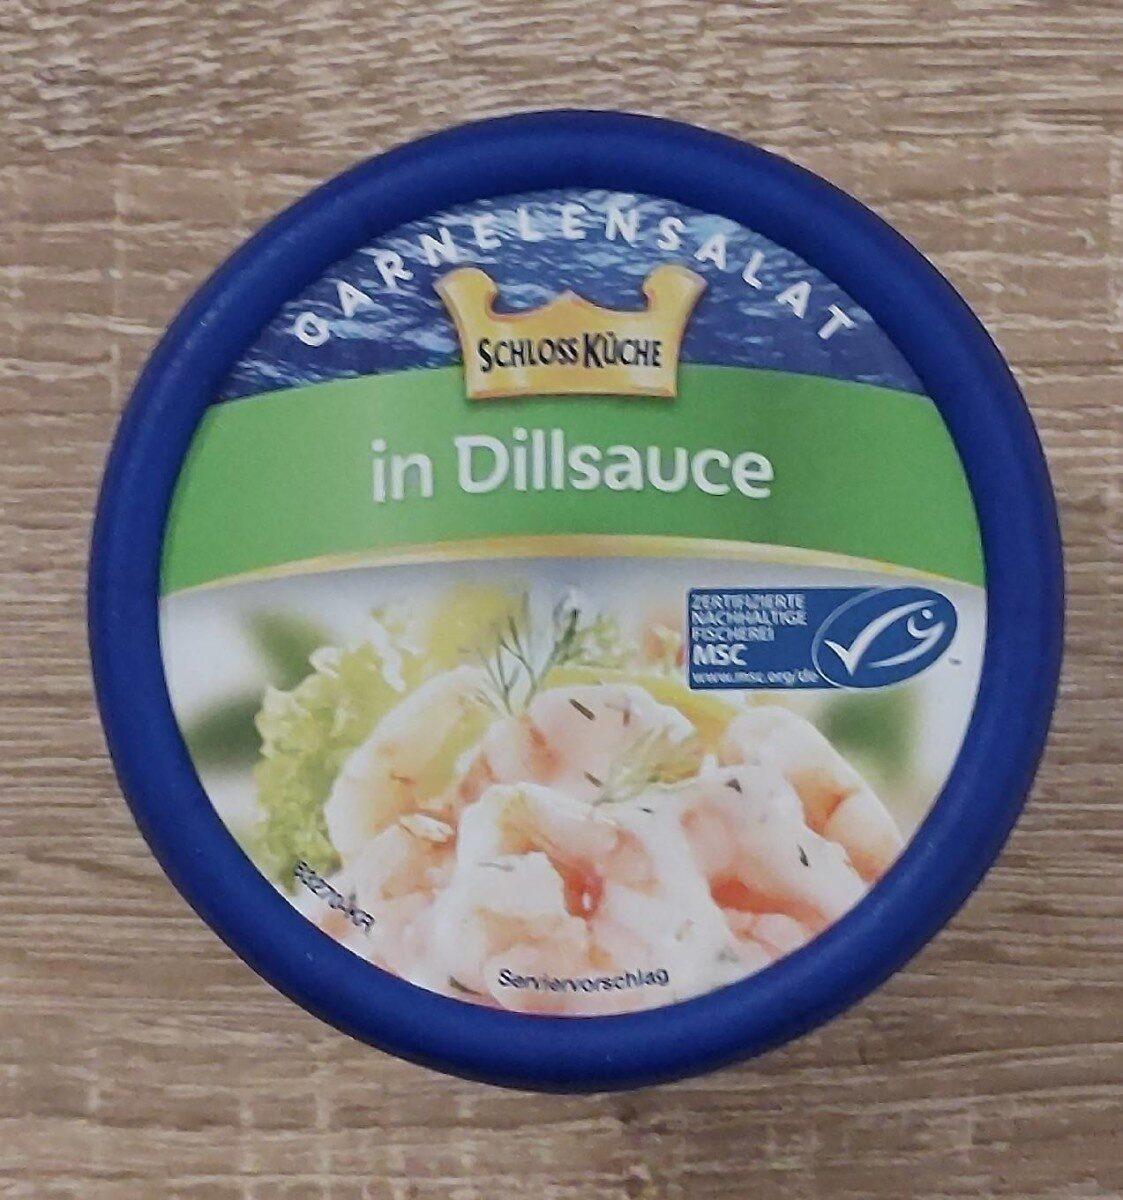 Garnelensalat in Dillsauce - Produkt - de